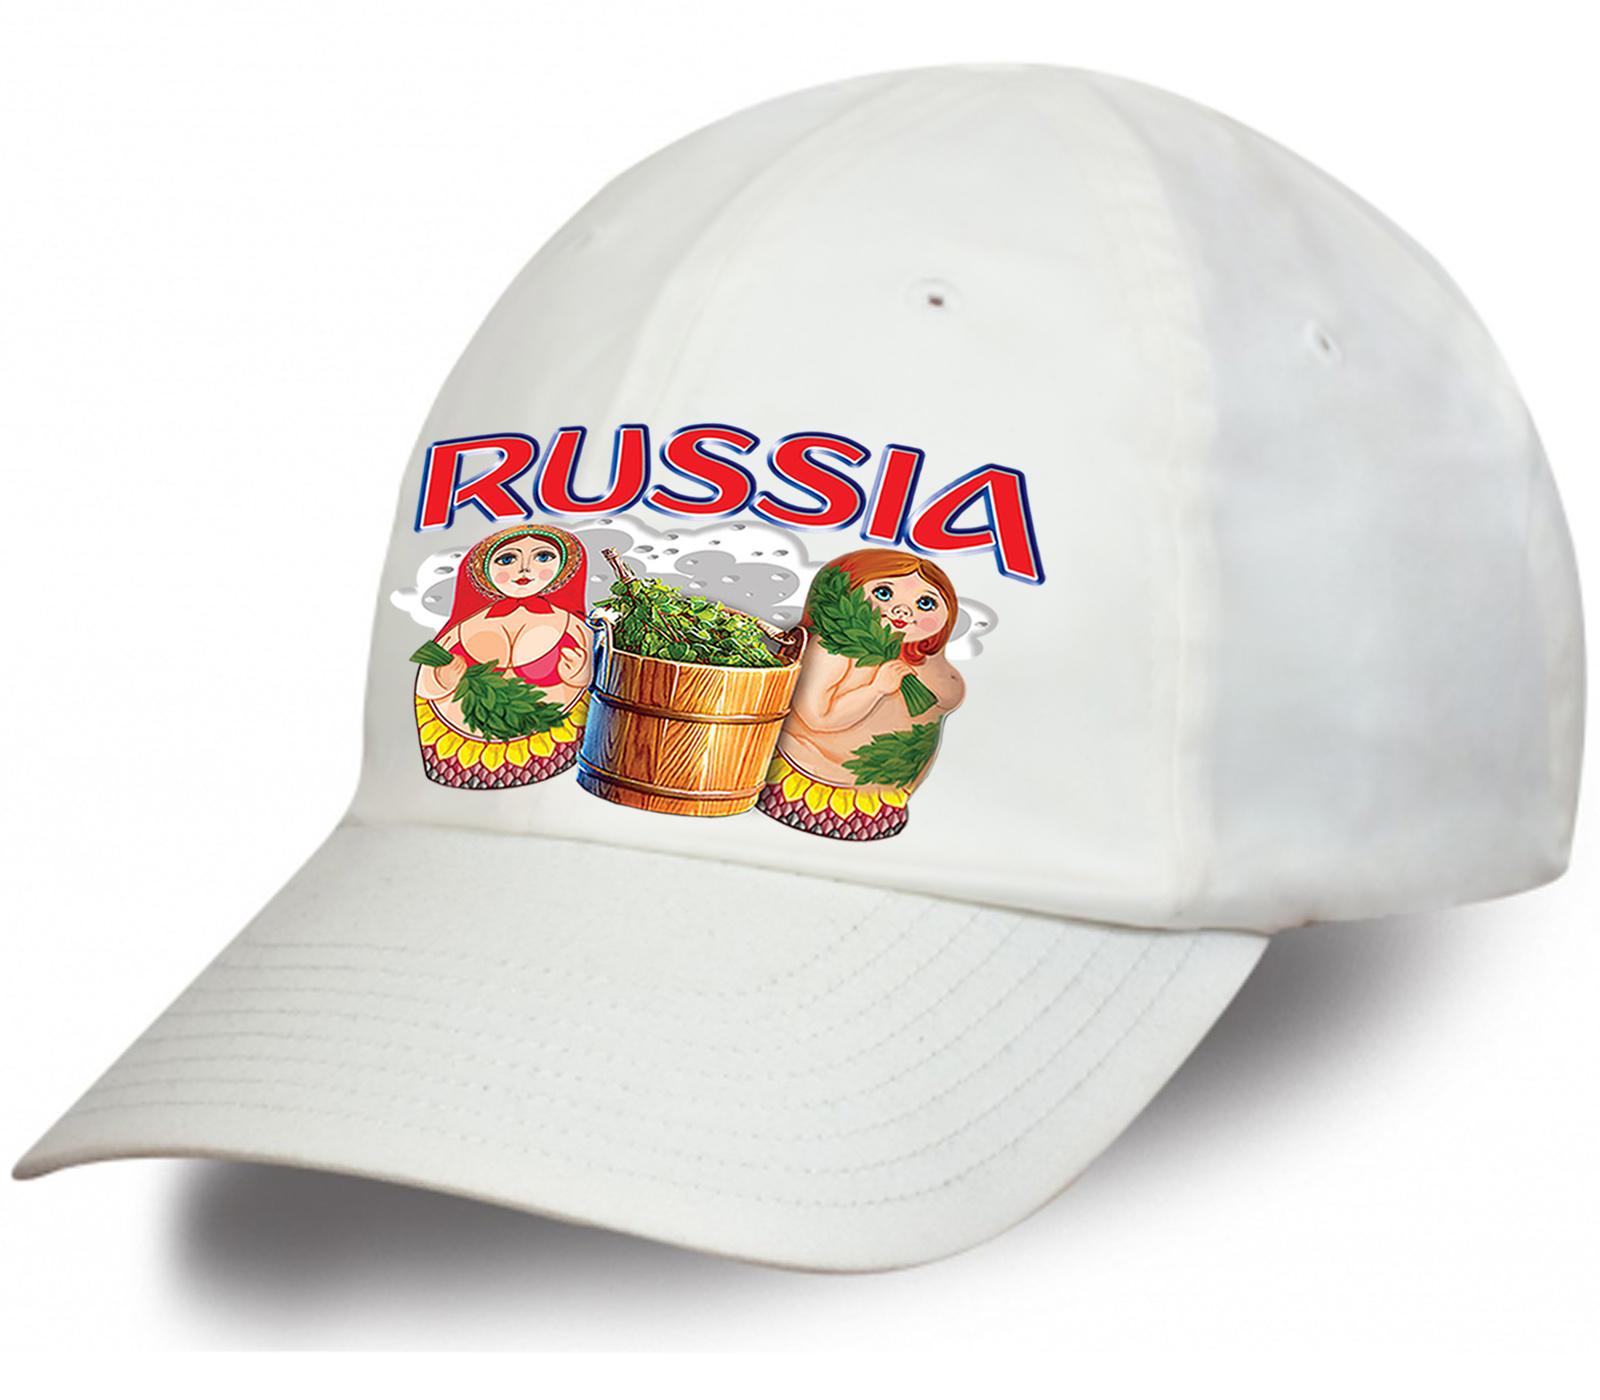 Купить в Москве бейсболку с принтом «Россия»